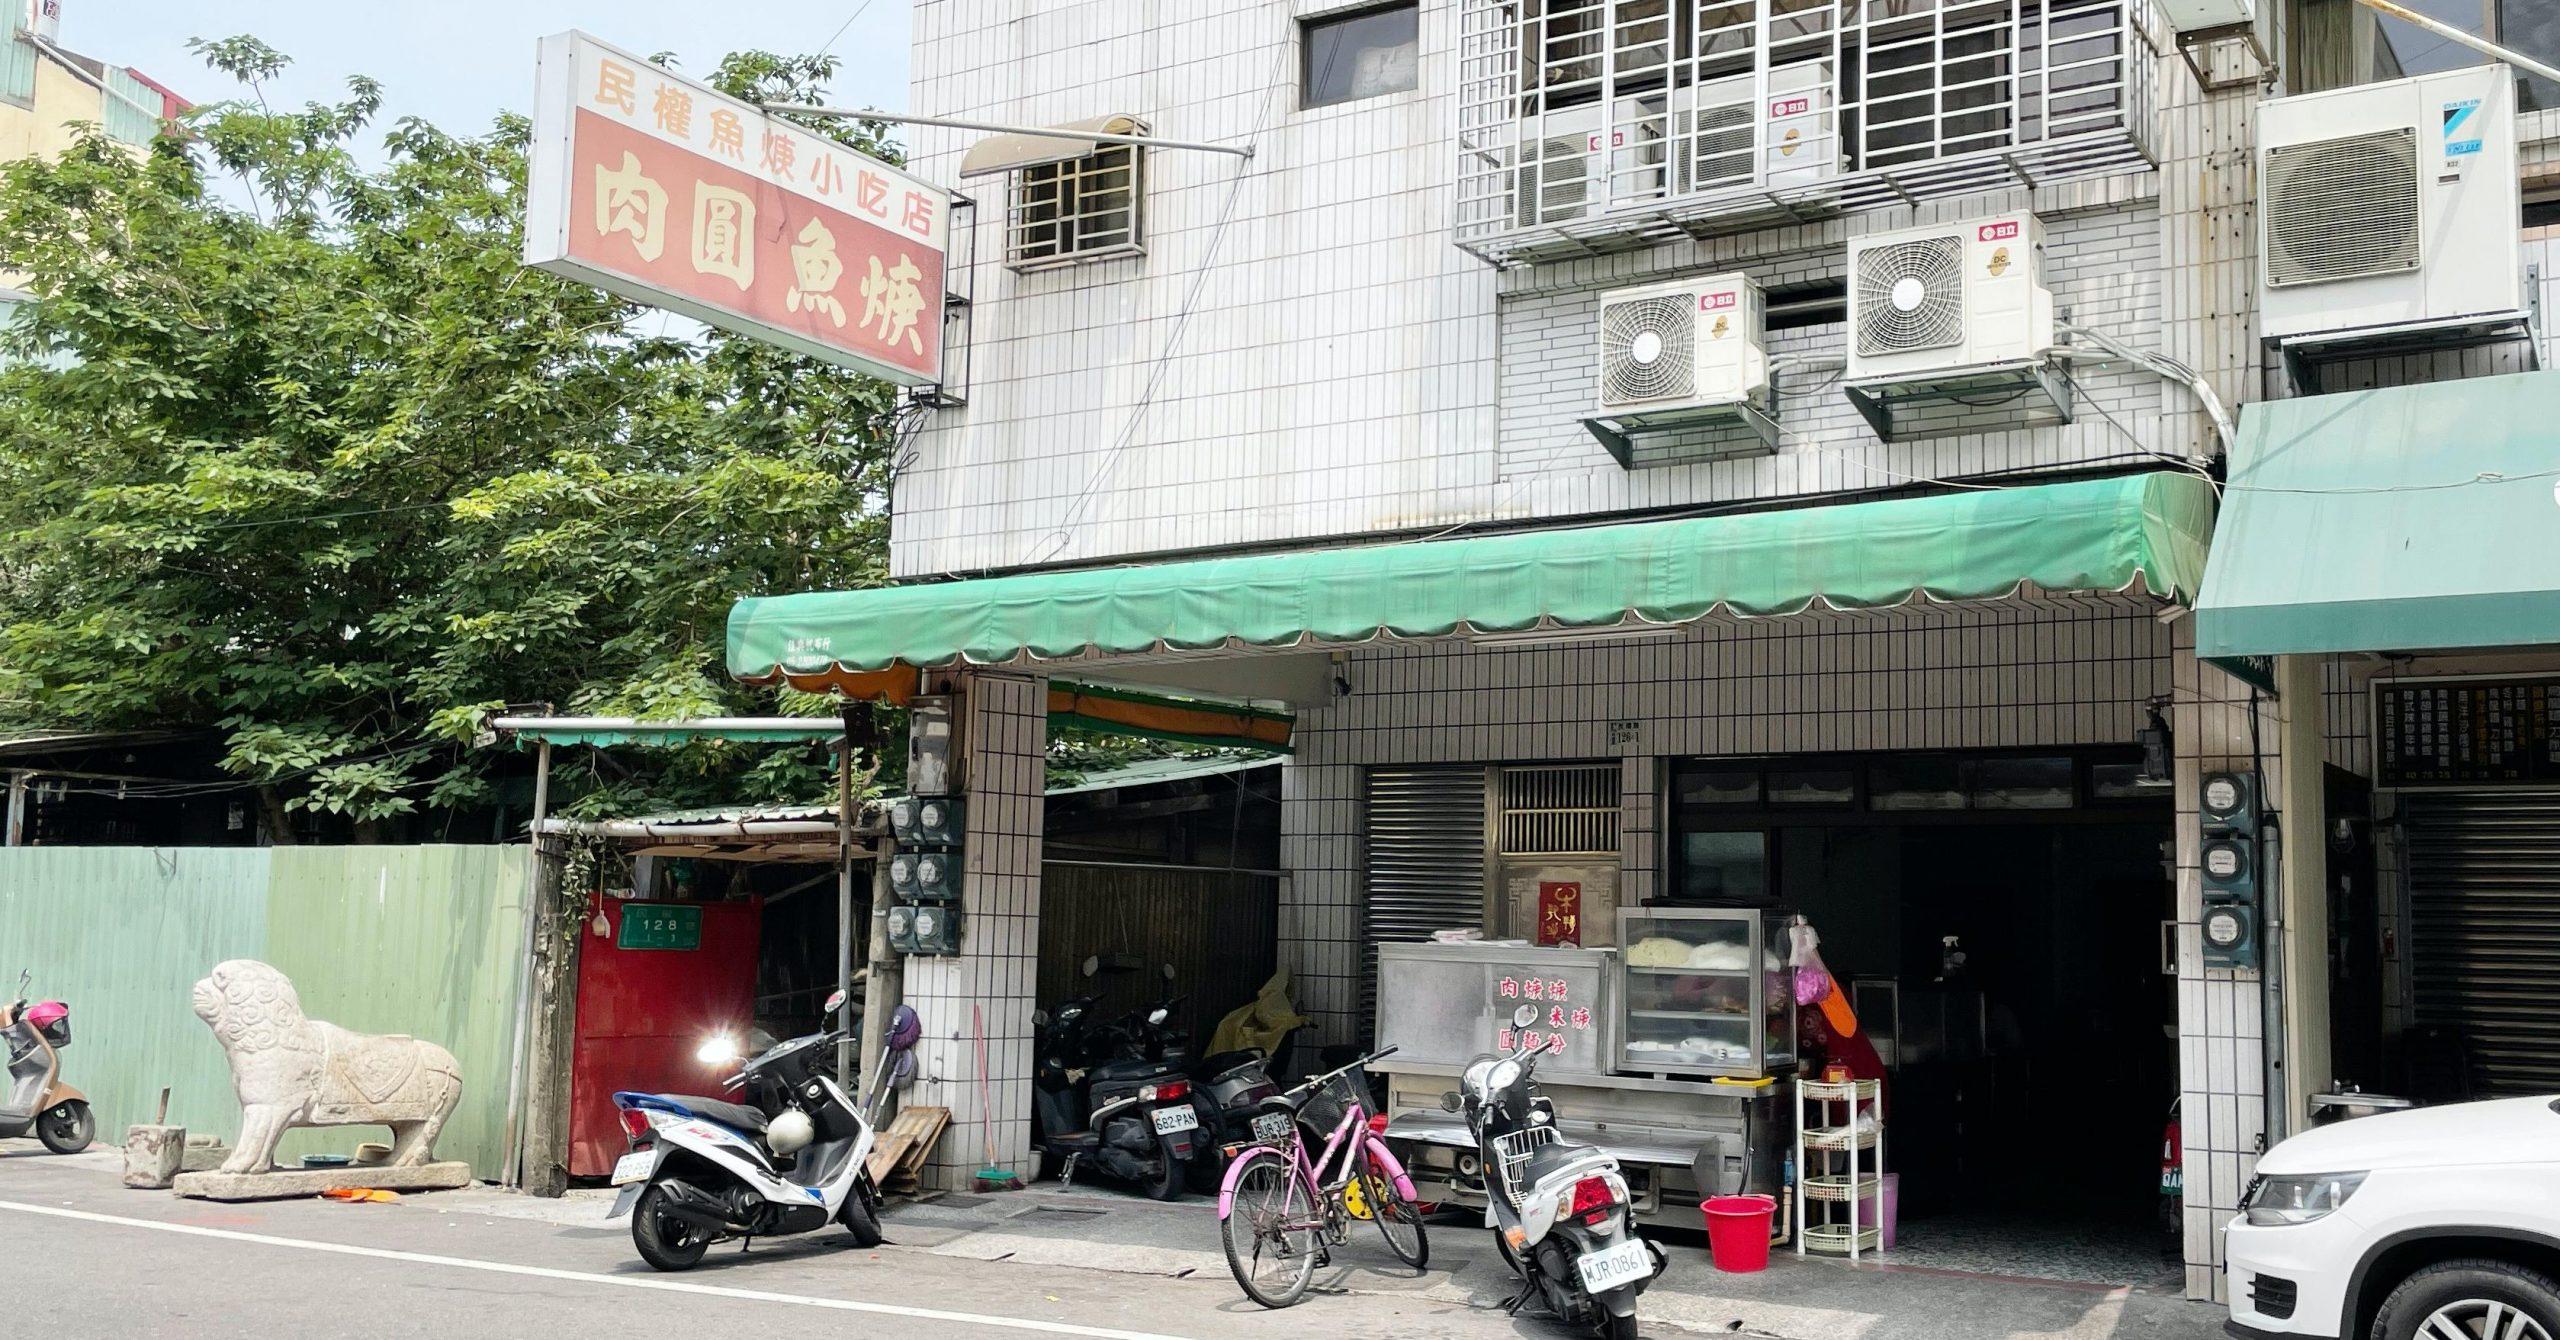 即時熱門文章:【嘉義美食】民權魚羹小吃店,嘉義版浮水魚羹(菜單)